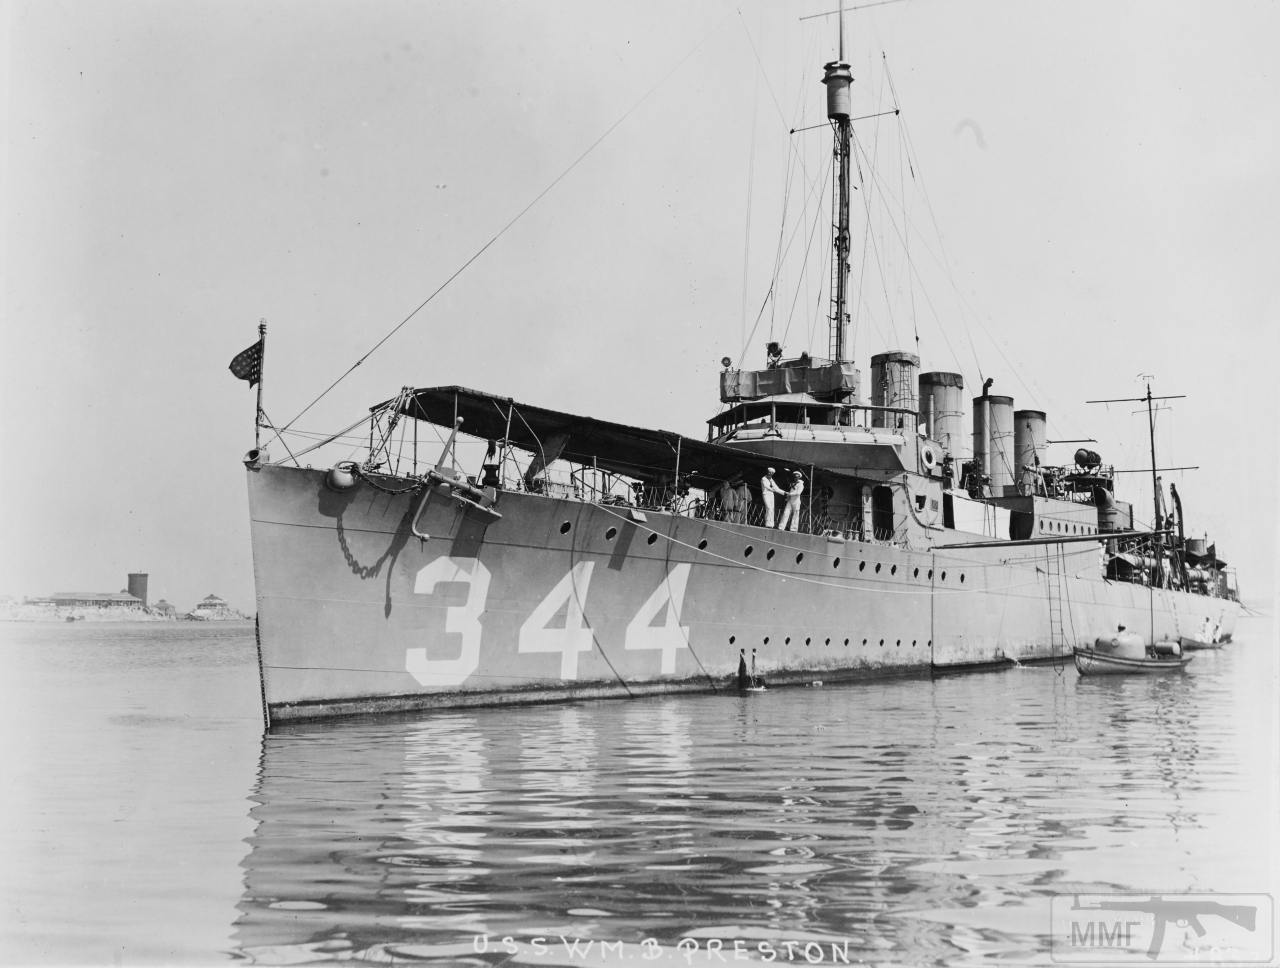 98175 - USS William B. Preston (DD-344 / AVP-20 / AVD-7)